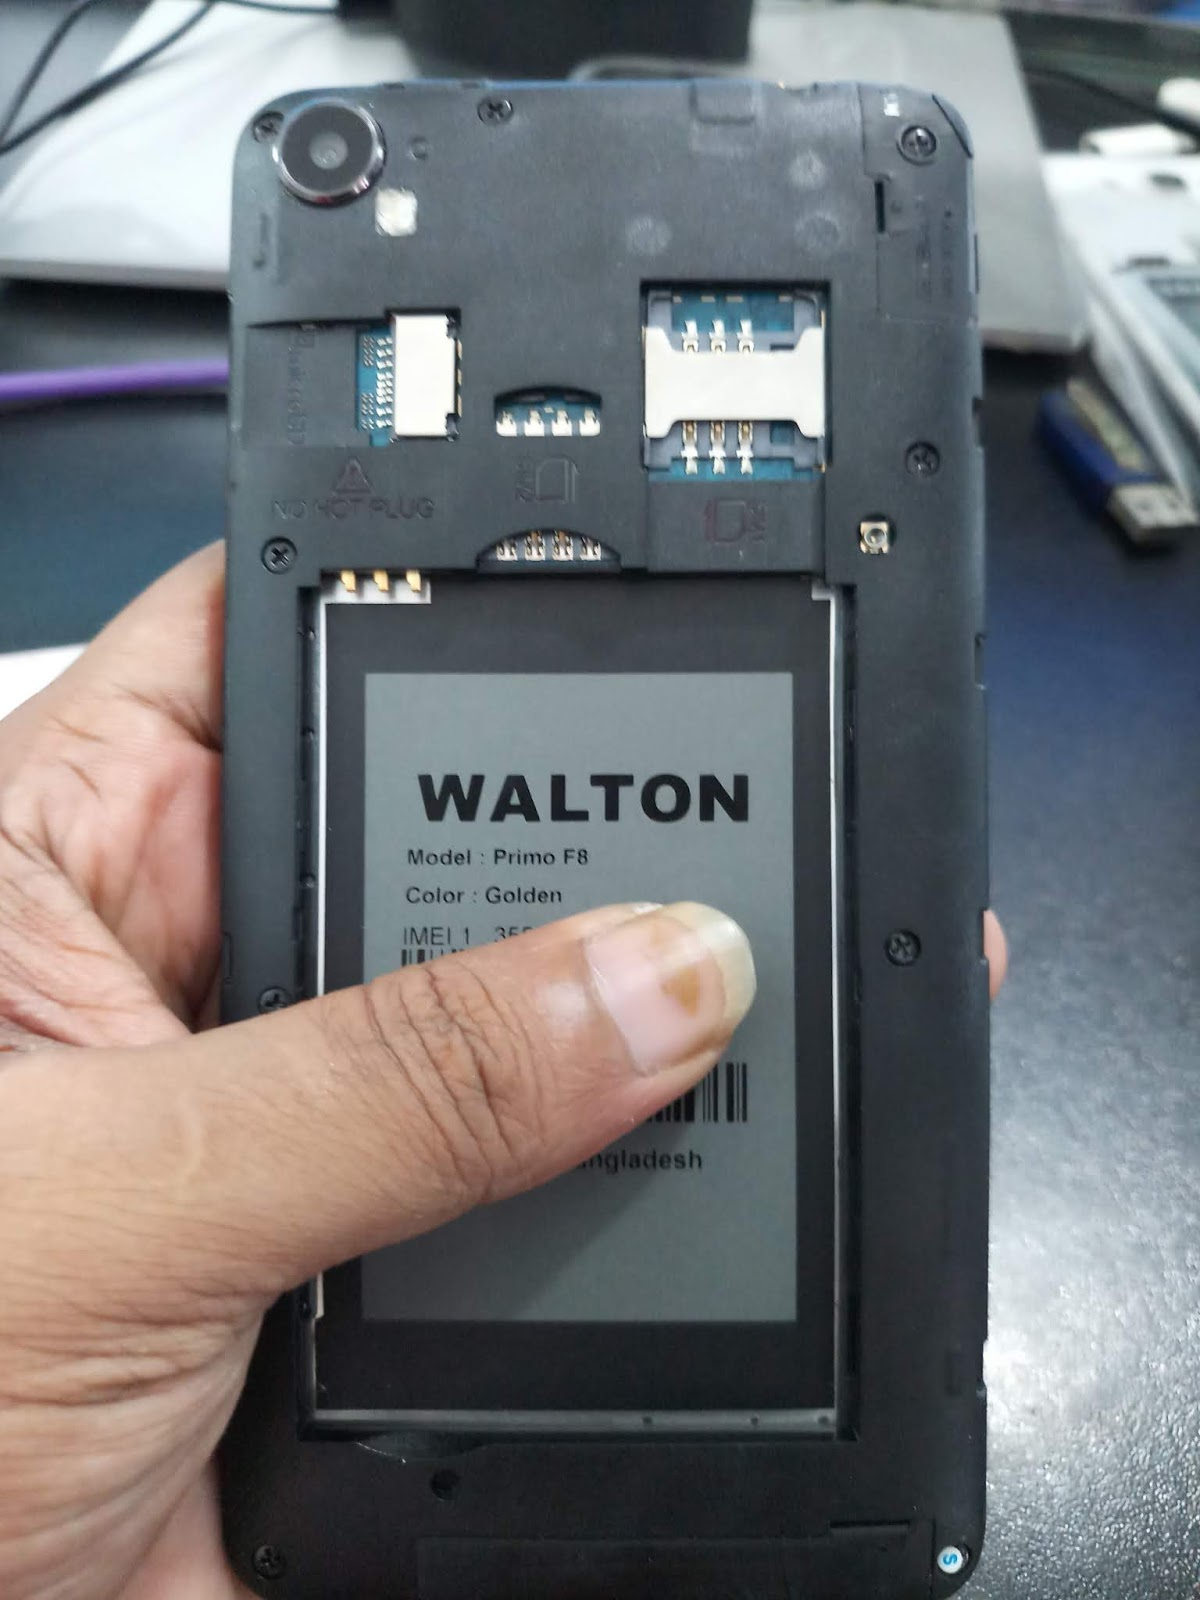 Walton Primo F8 Flash File Firmware MT6580 Android 70 Frp